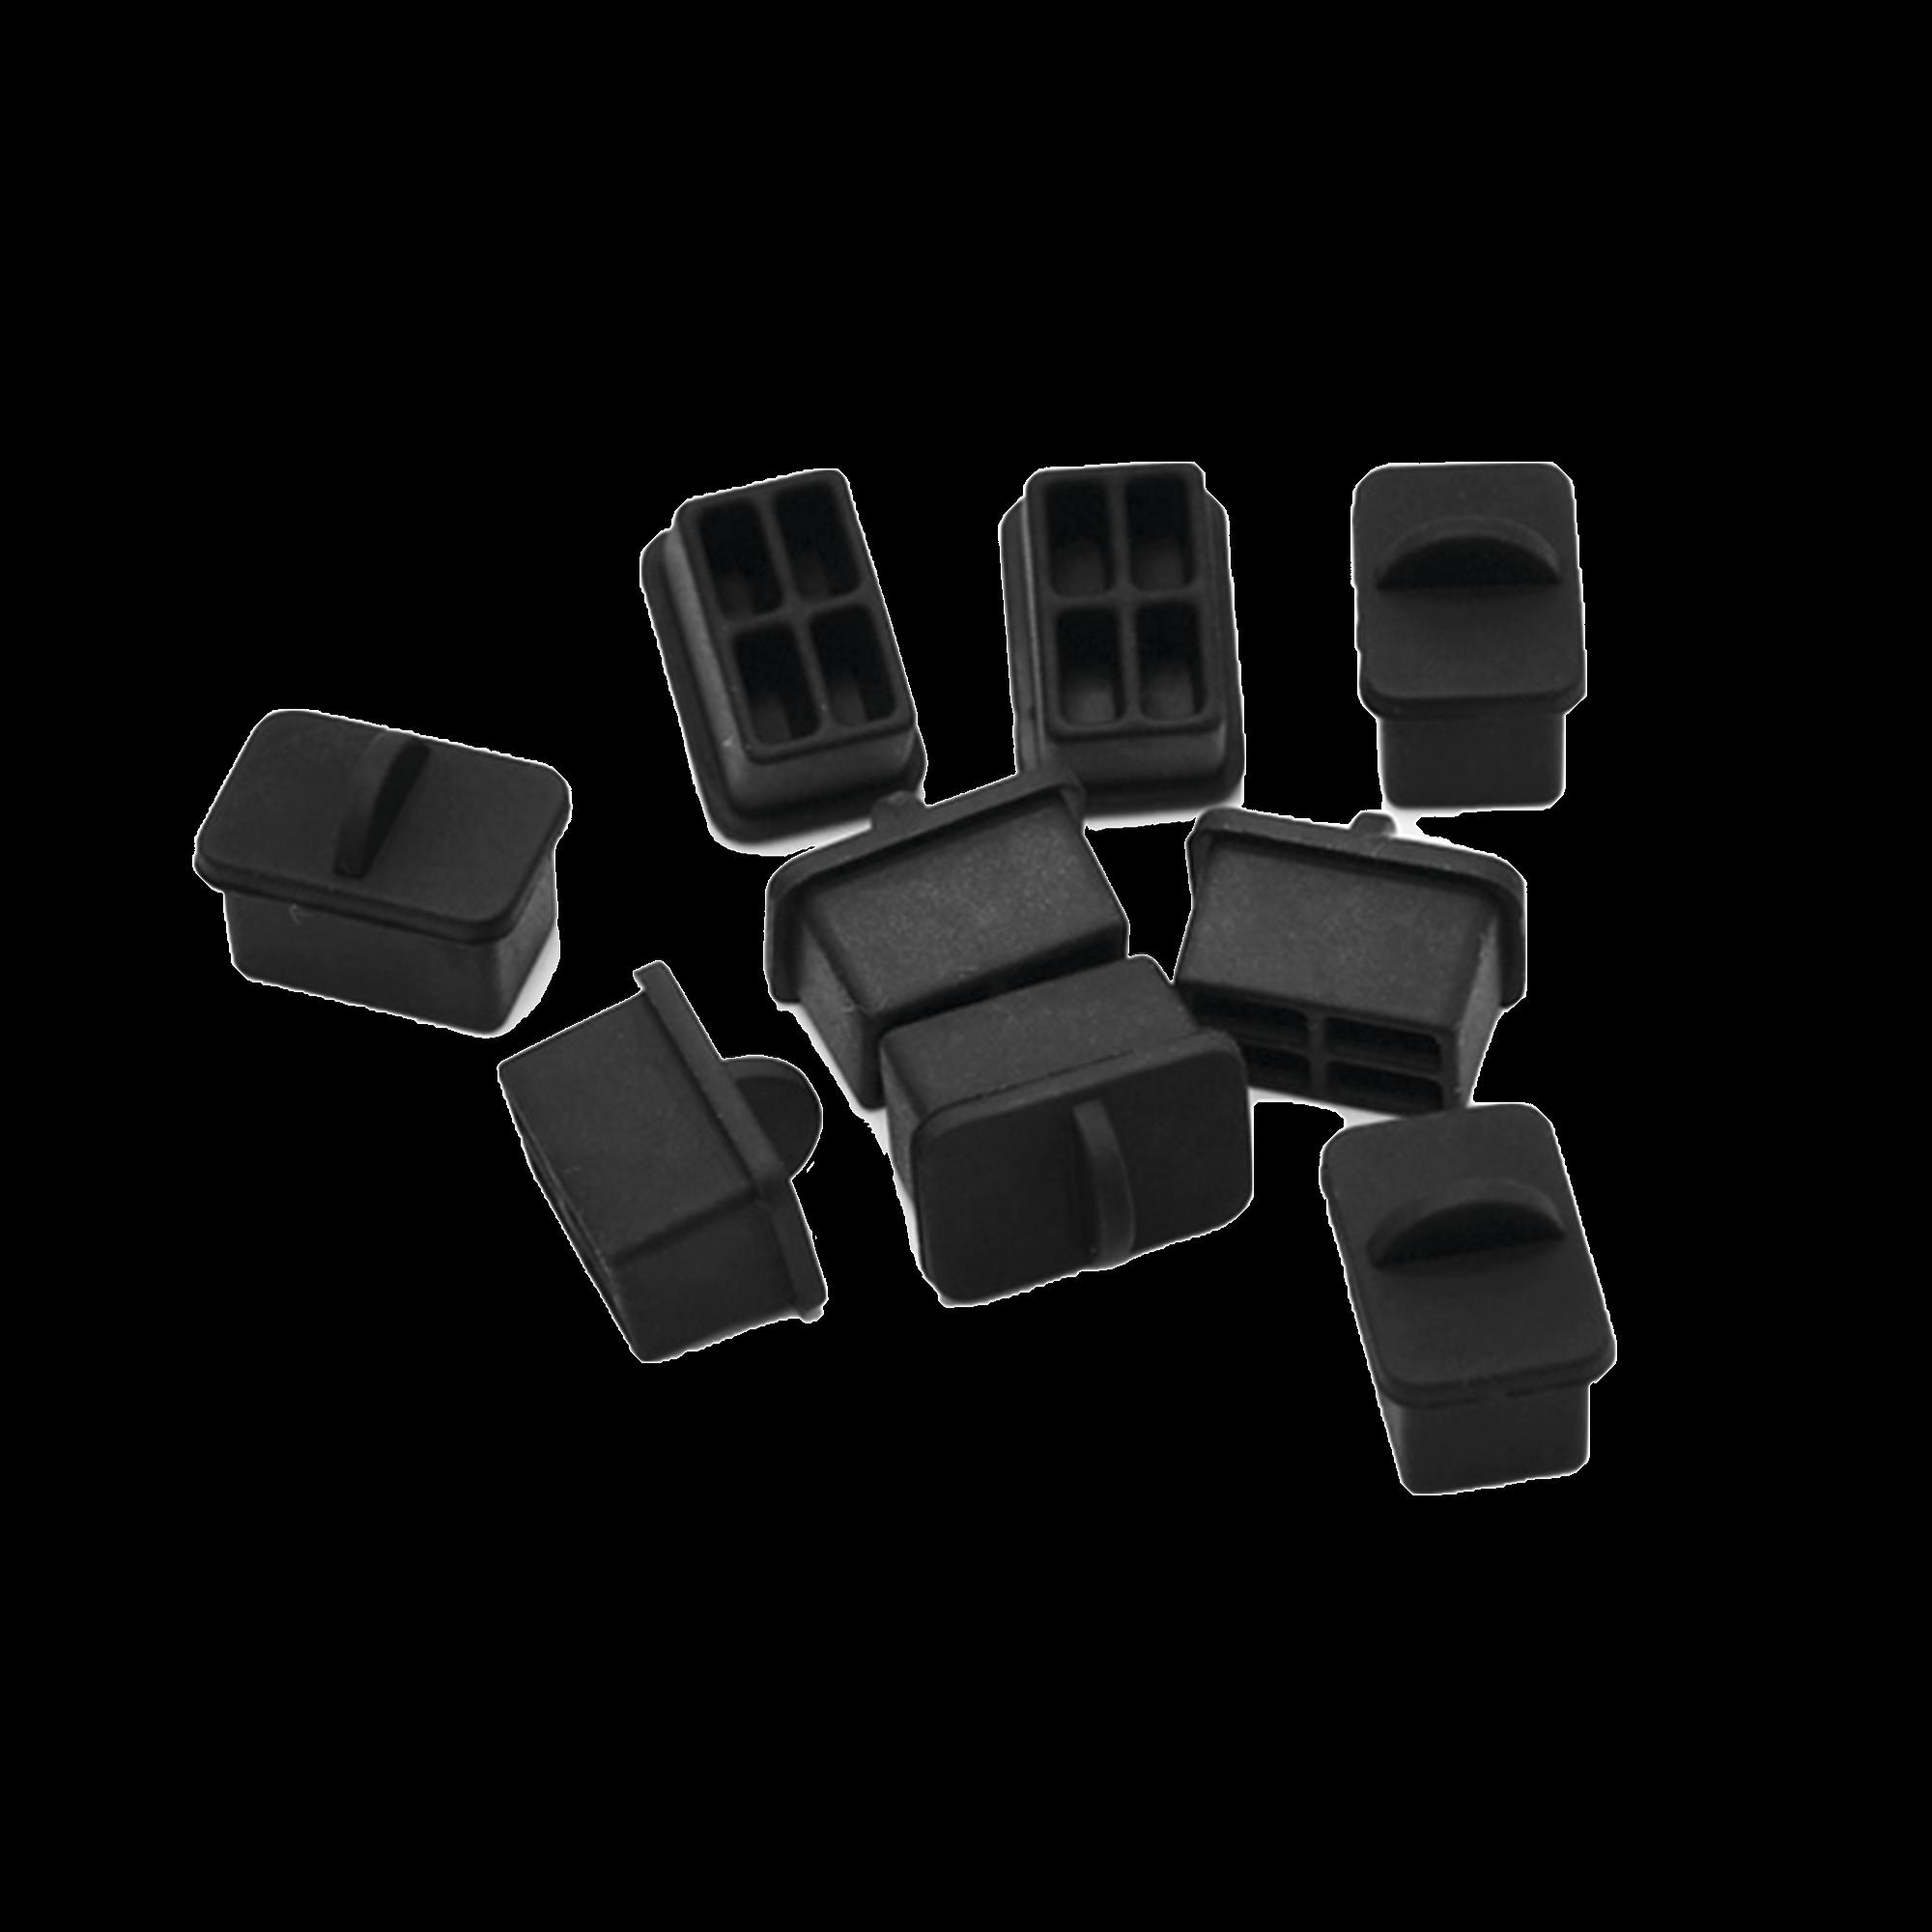 Bolsa con 25 piezas de protectores anti-polvo para puerto SFP, color negro